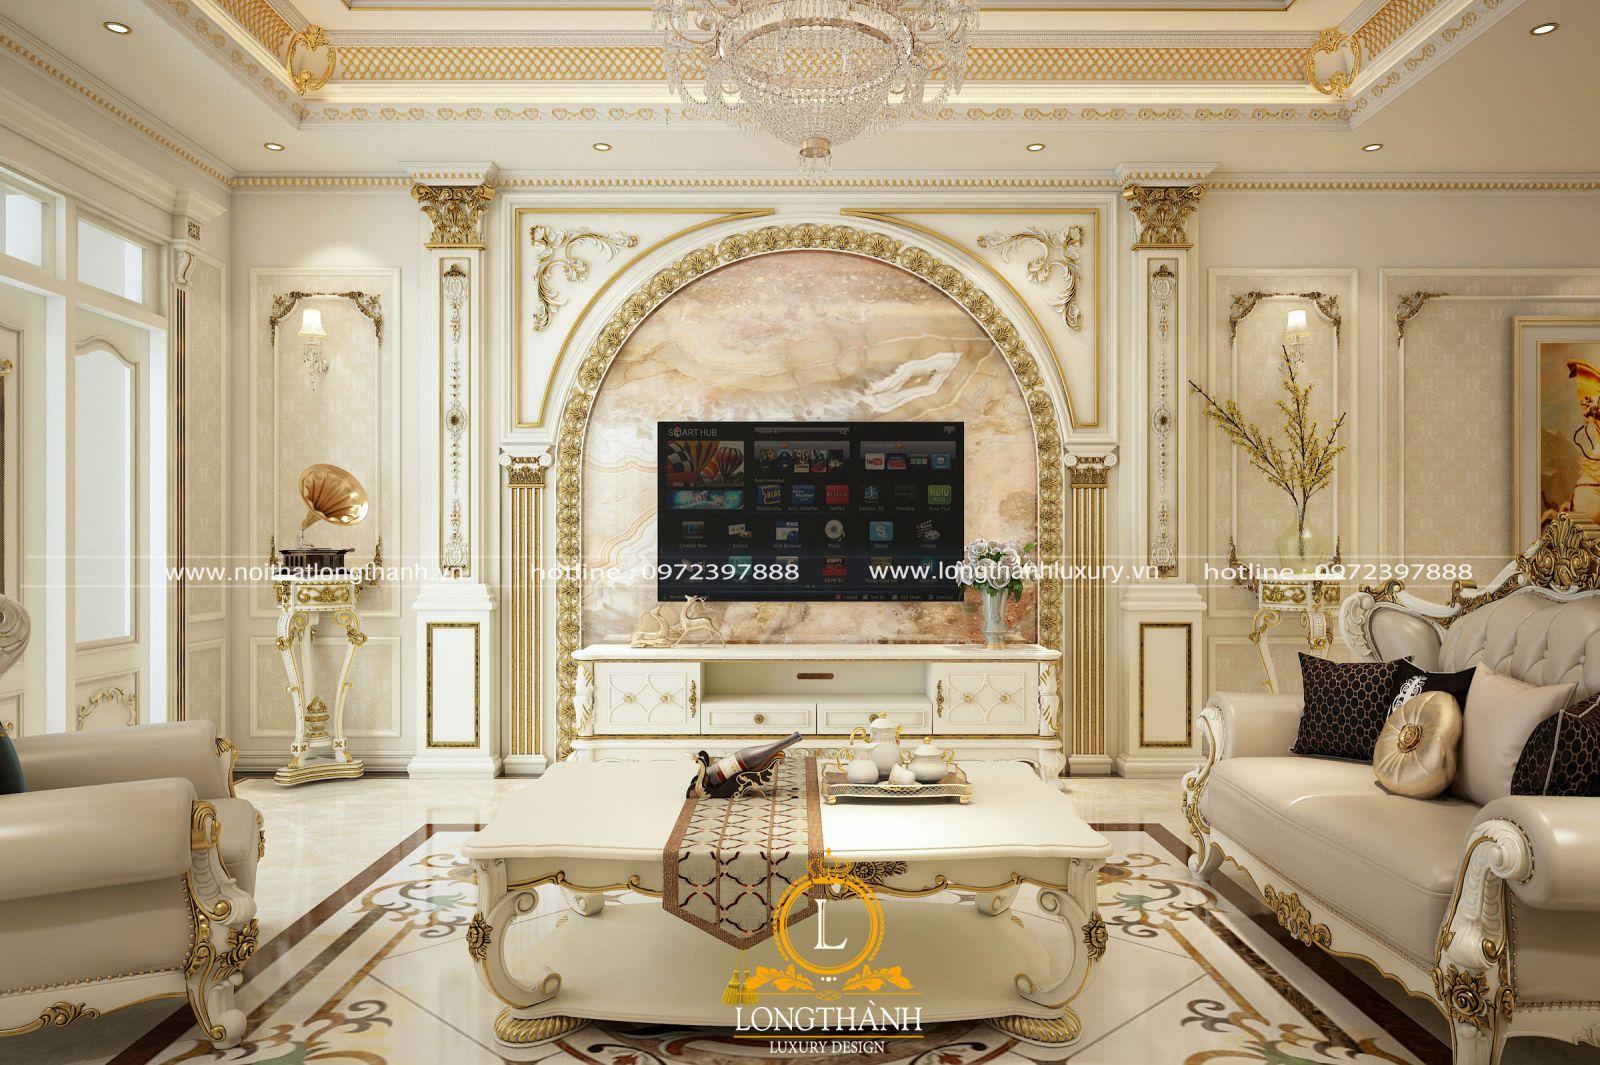 Mẫu sofa sơn trắng với hoa văn chạm khắc cầu kỳ tinh xảo thể hiện sự sang trọng và đẳng cấp không gian phòng khách